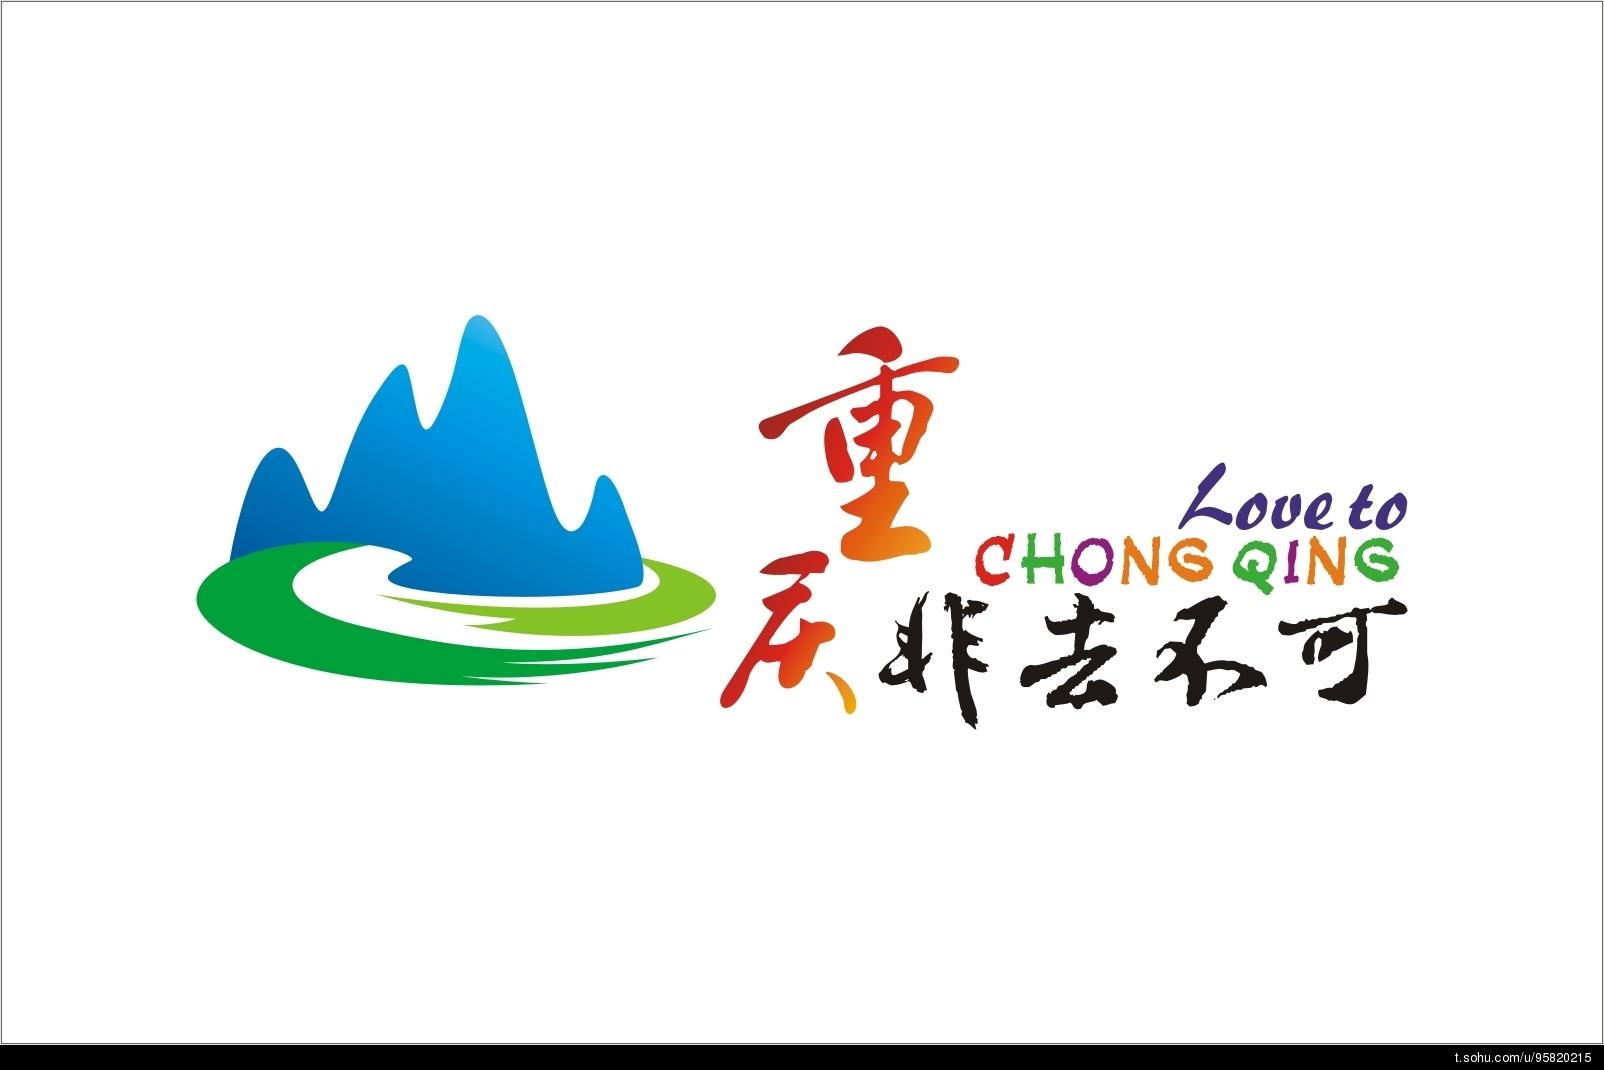 为重庆市政府提出的城市旅游口号.图片